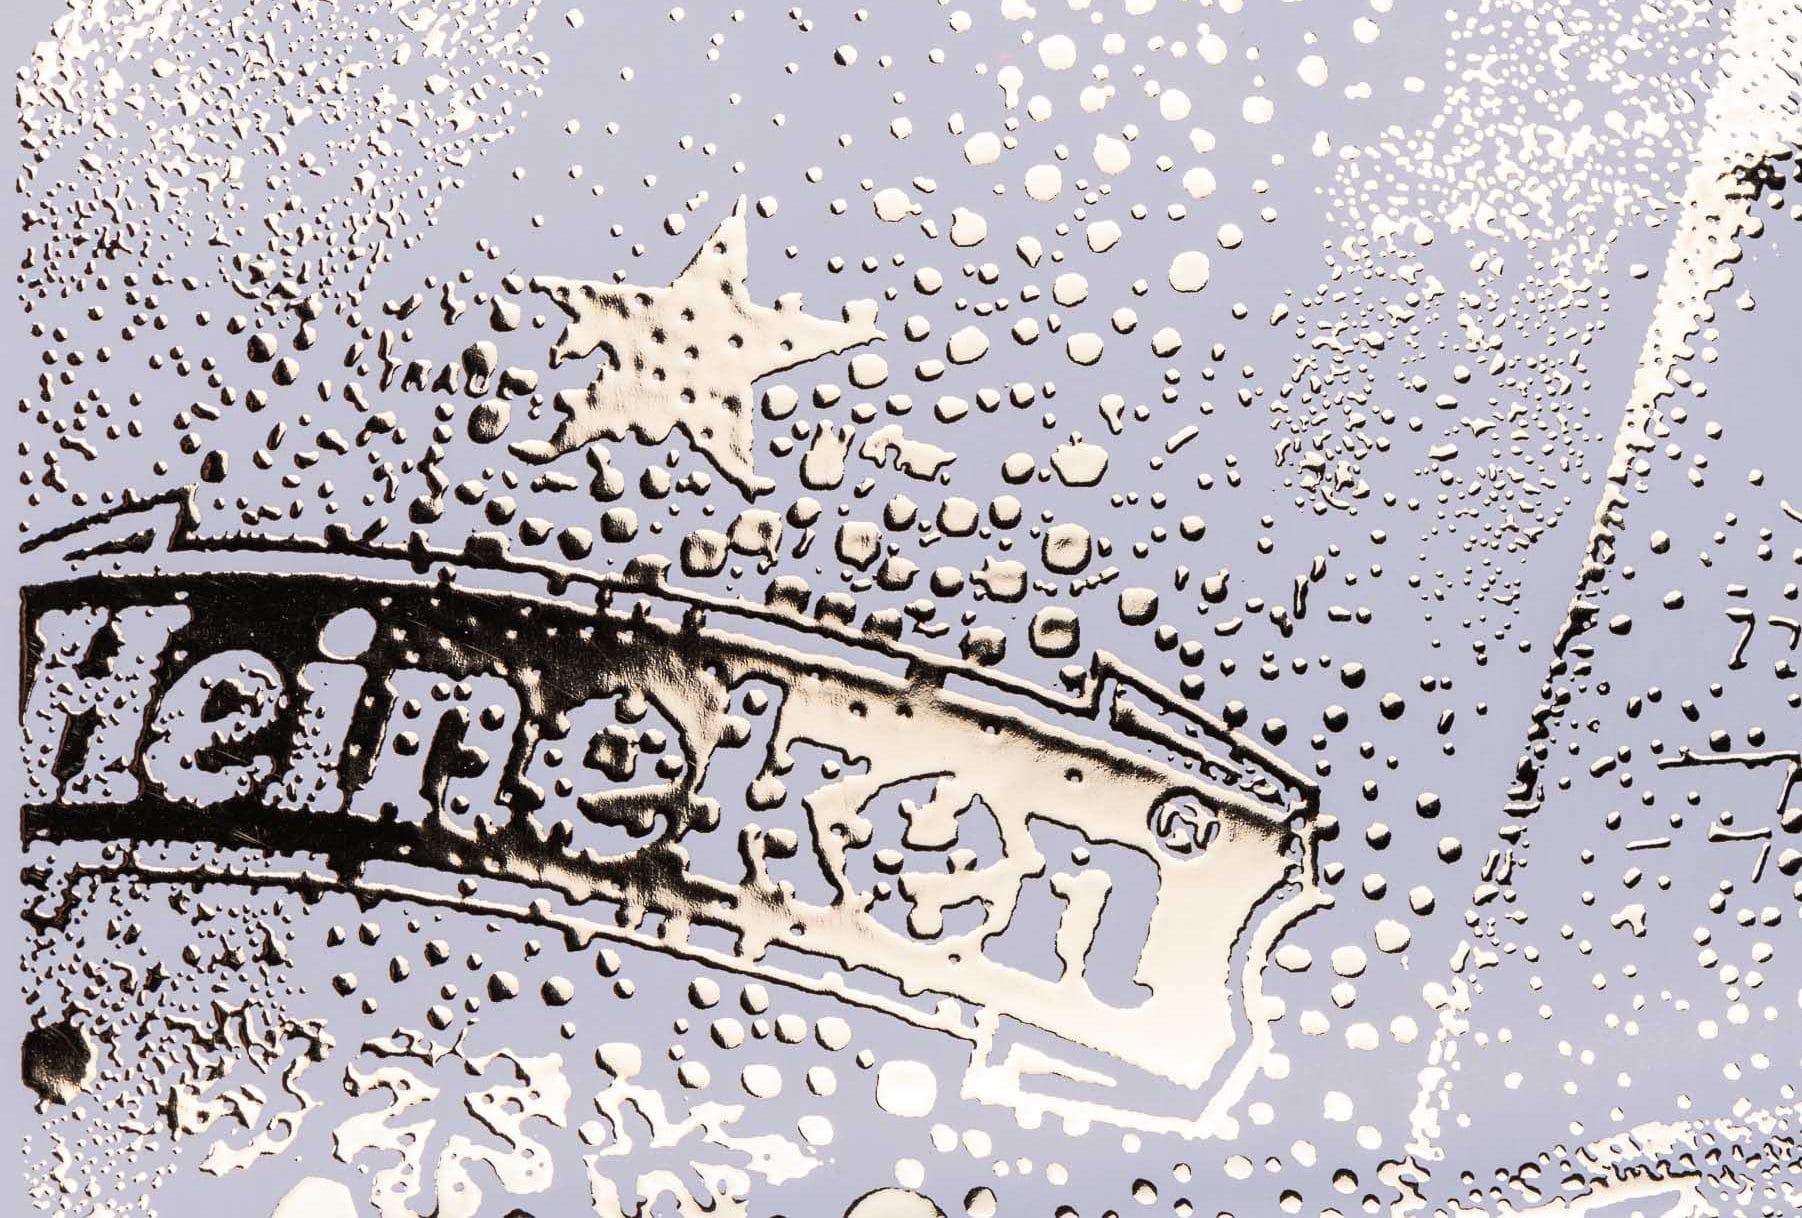 הדפסת תוויות בירה לחברת היינקן בצבע כסוף עם אלמנטי השבחת דפוס ייחודים כגון הבלטה, לכה סלקטיבית, הטבעה בחום ופויל שנותנים לבקבוק מראה קפוא. היינקן היא מבשלת בירה בהולנד שיש לה 130 מבשלות בירה בעולם